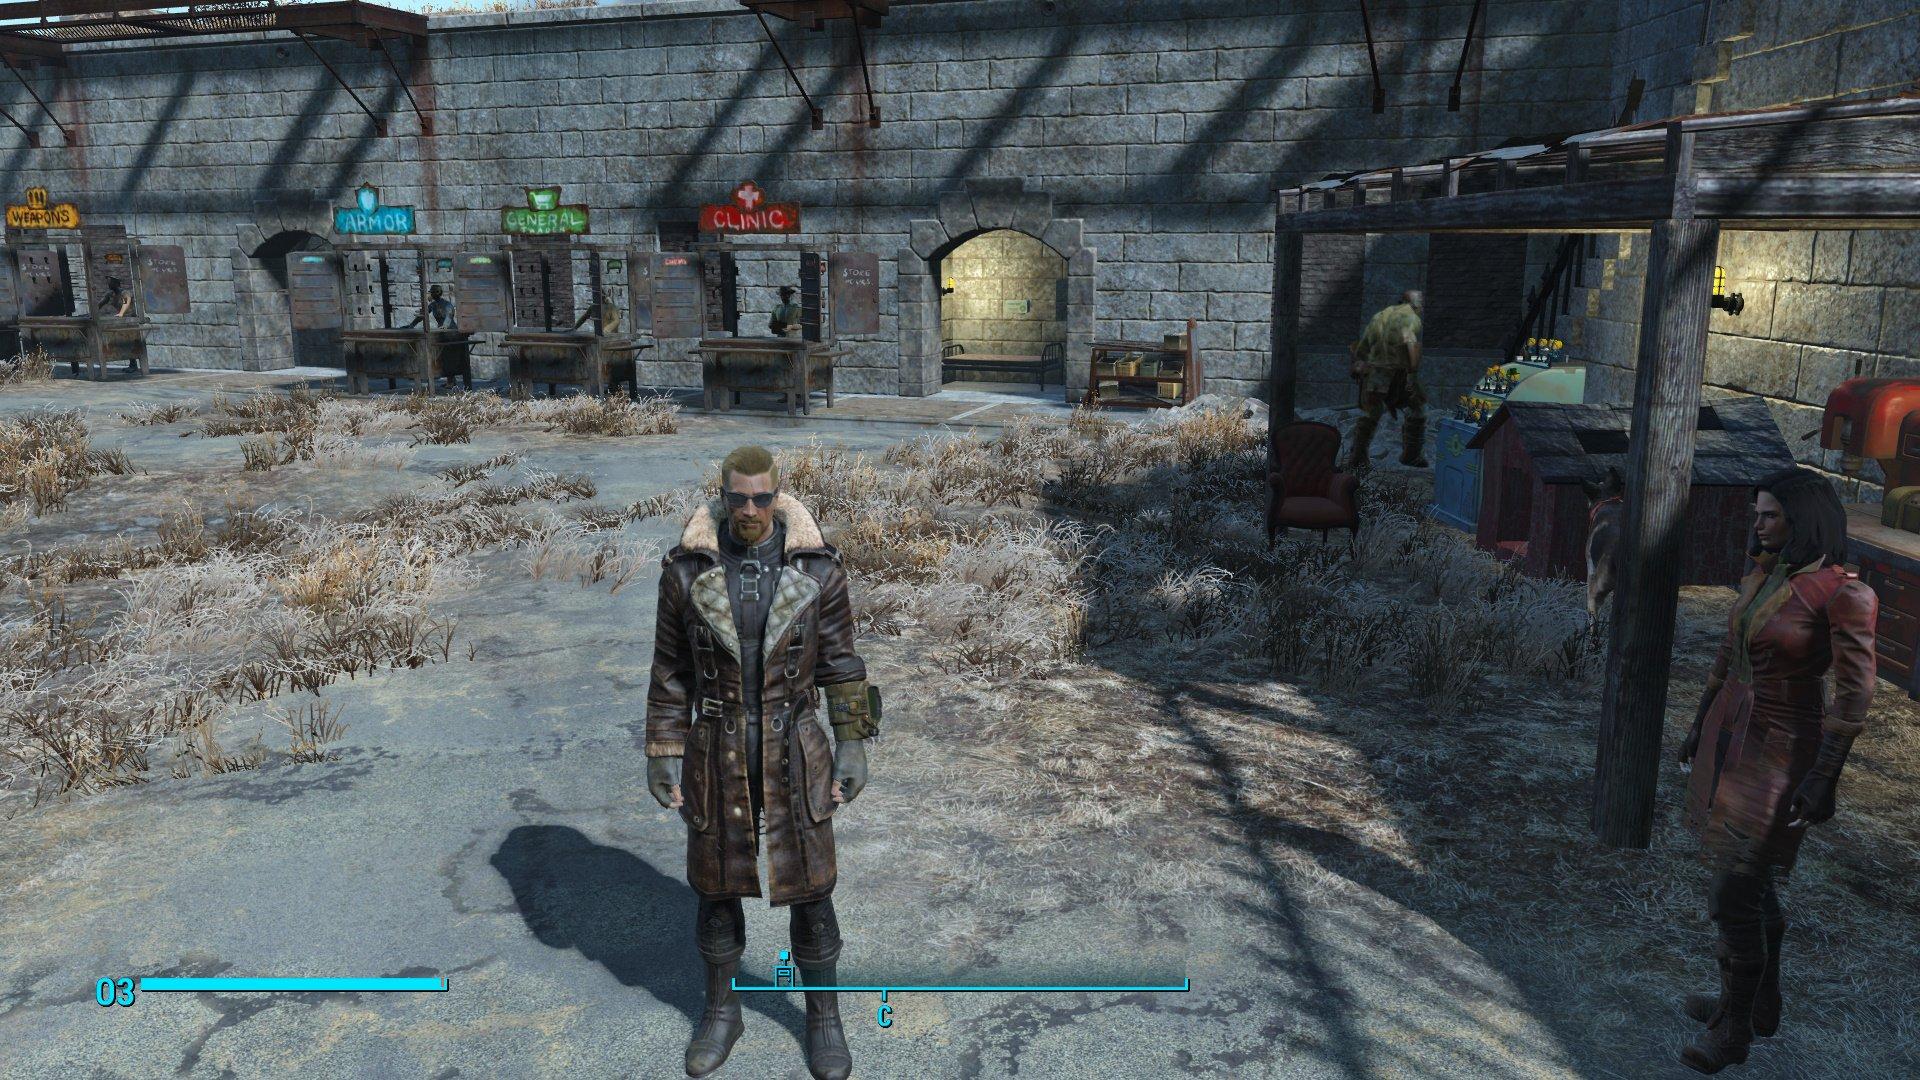 Сравнительный анализ (на самом деле нет) Fallout New Vegas vs. Fallout 4 (часть 1). - Изображение 3